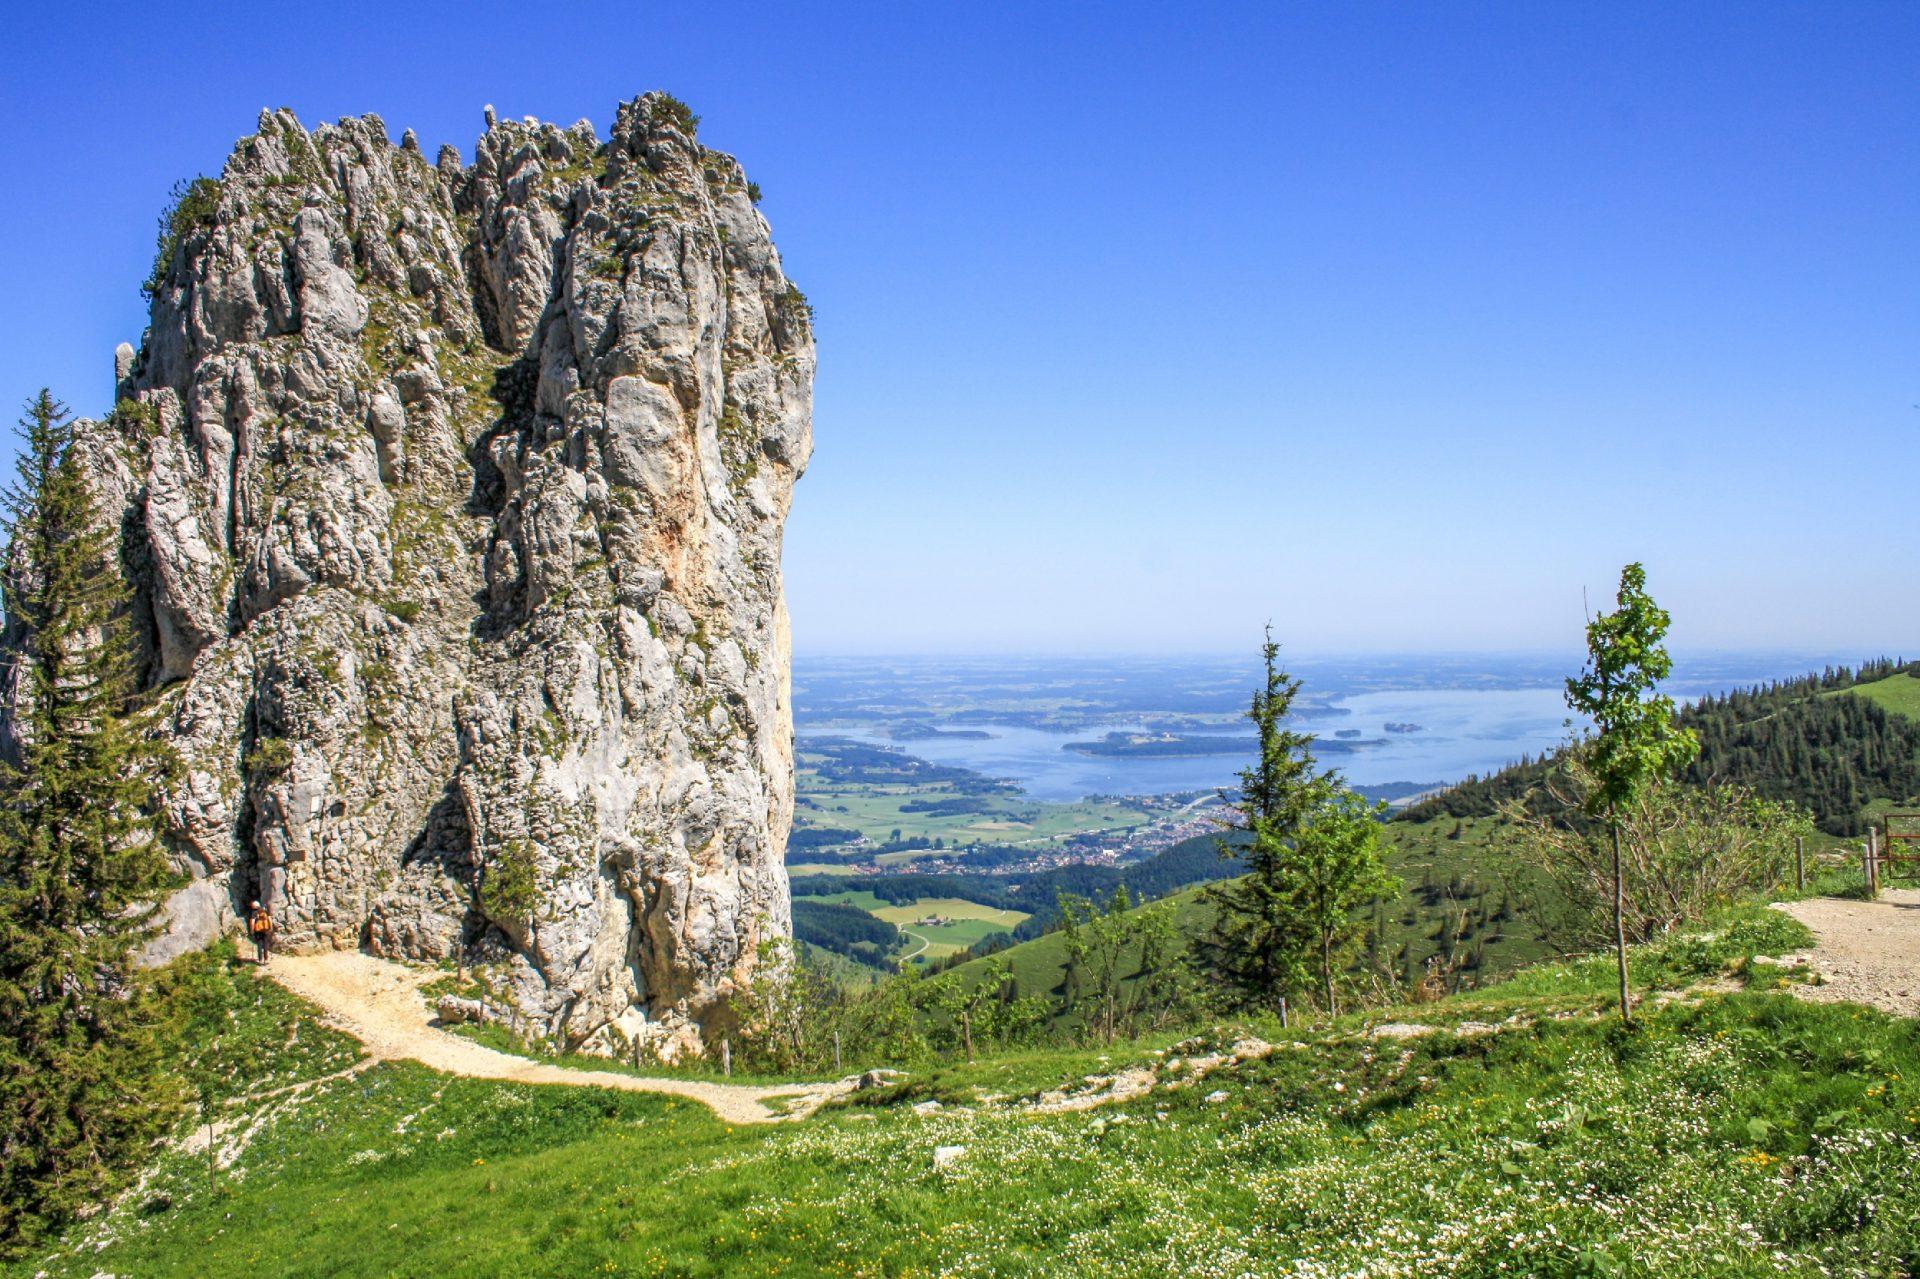 Castlewood Hotels Chiemgauer Alpen